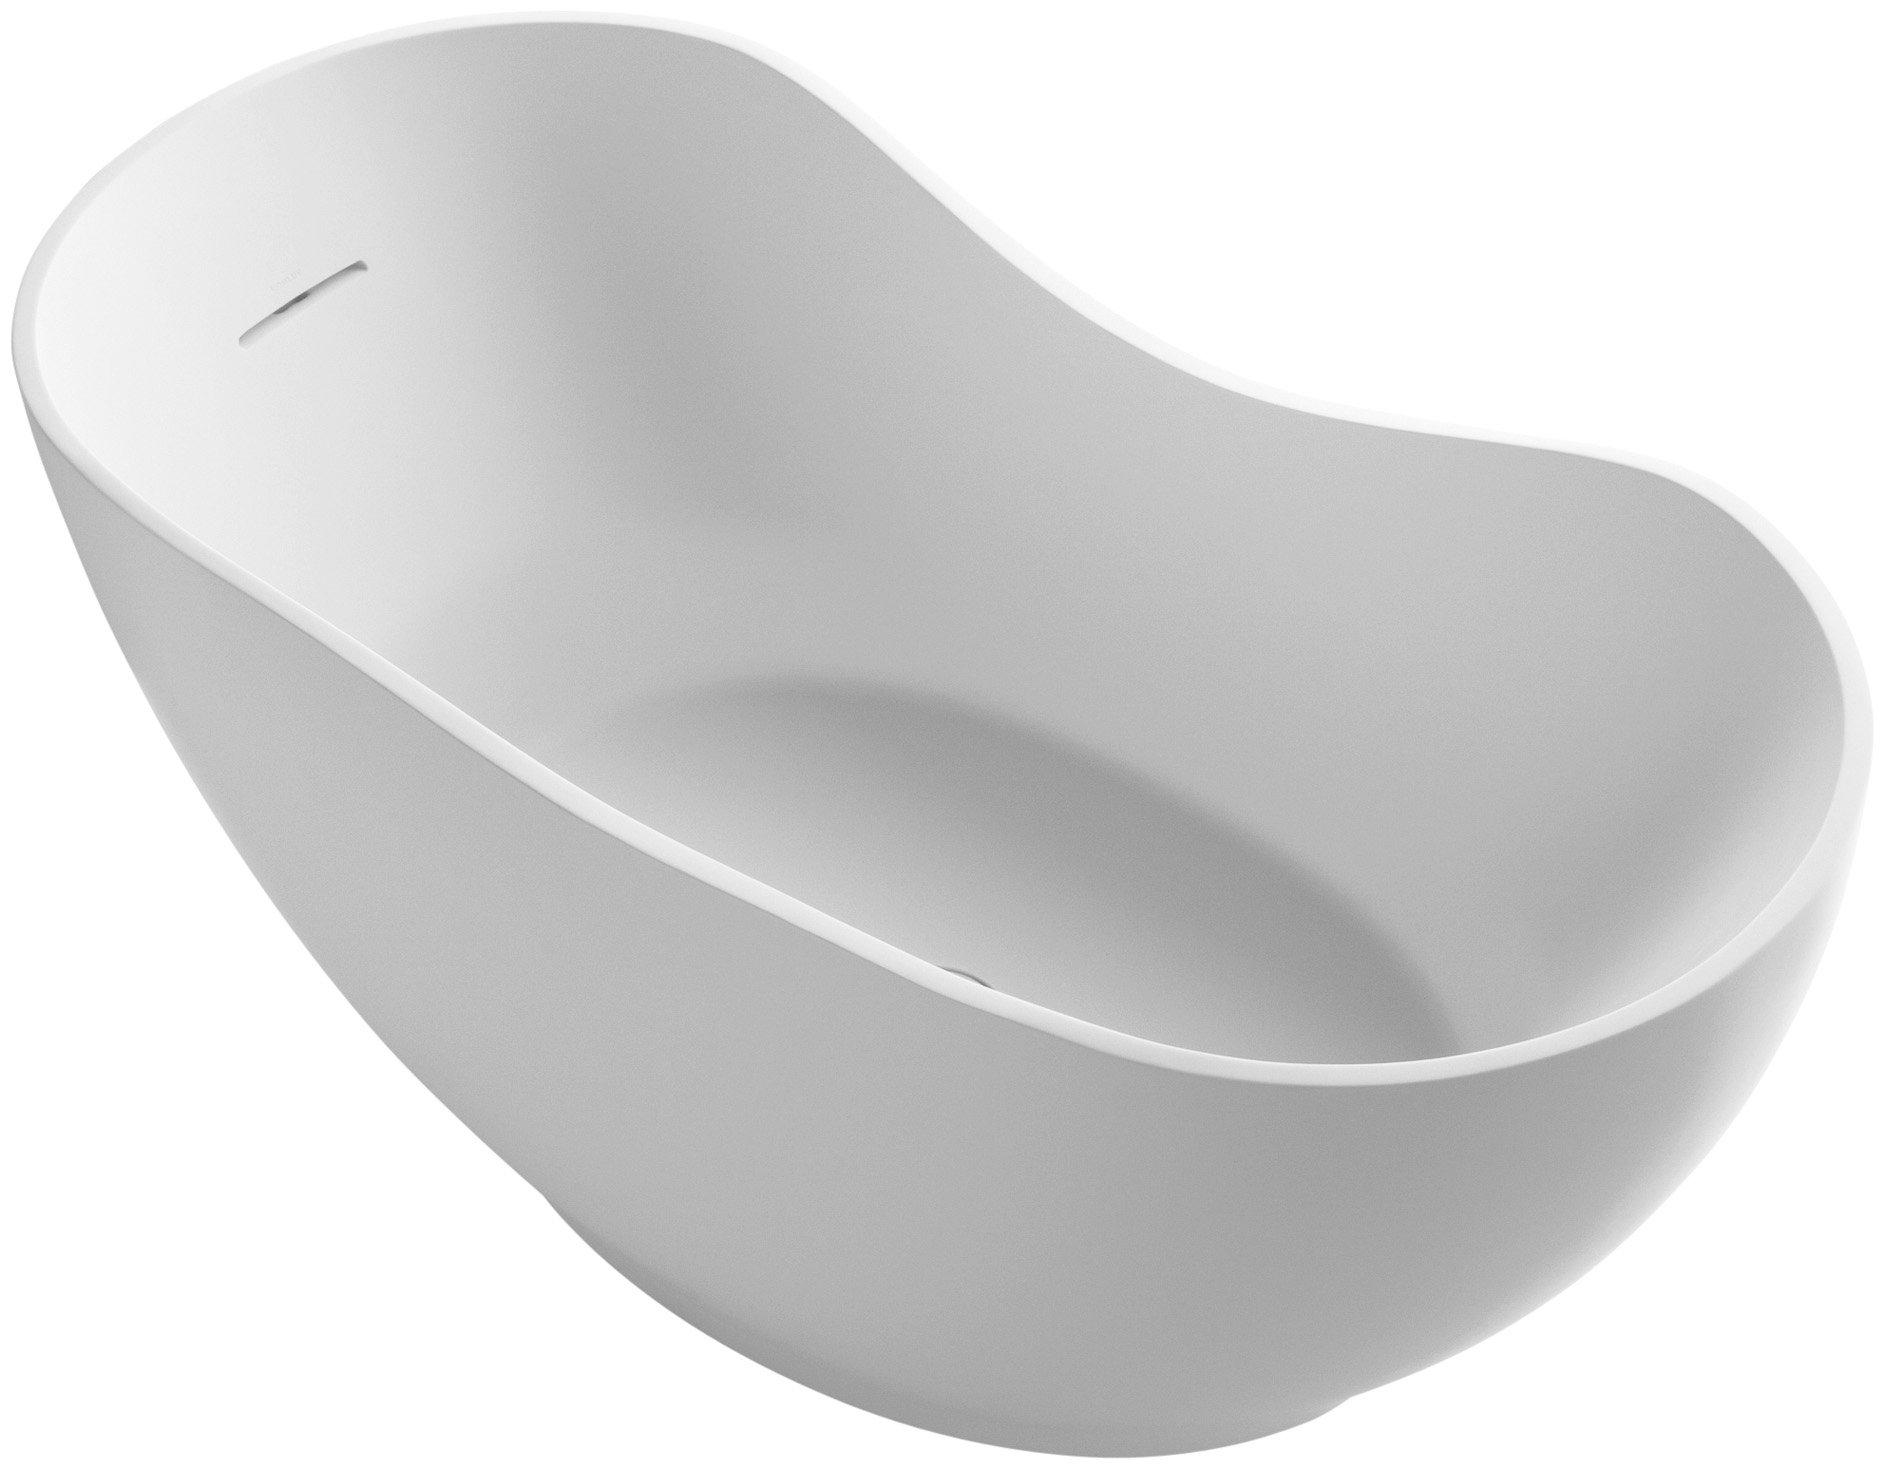 KOHLER K-1800-HW1 Abrazo Freestanding Bath, Honed White by Kohler